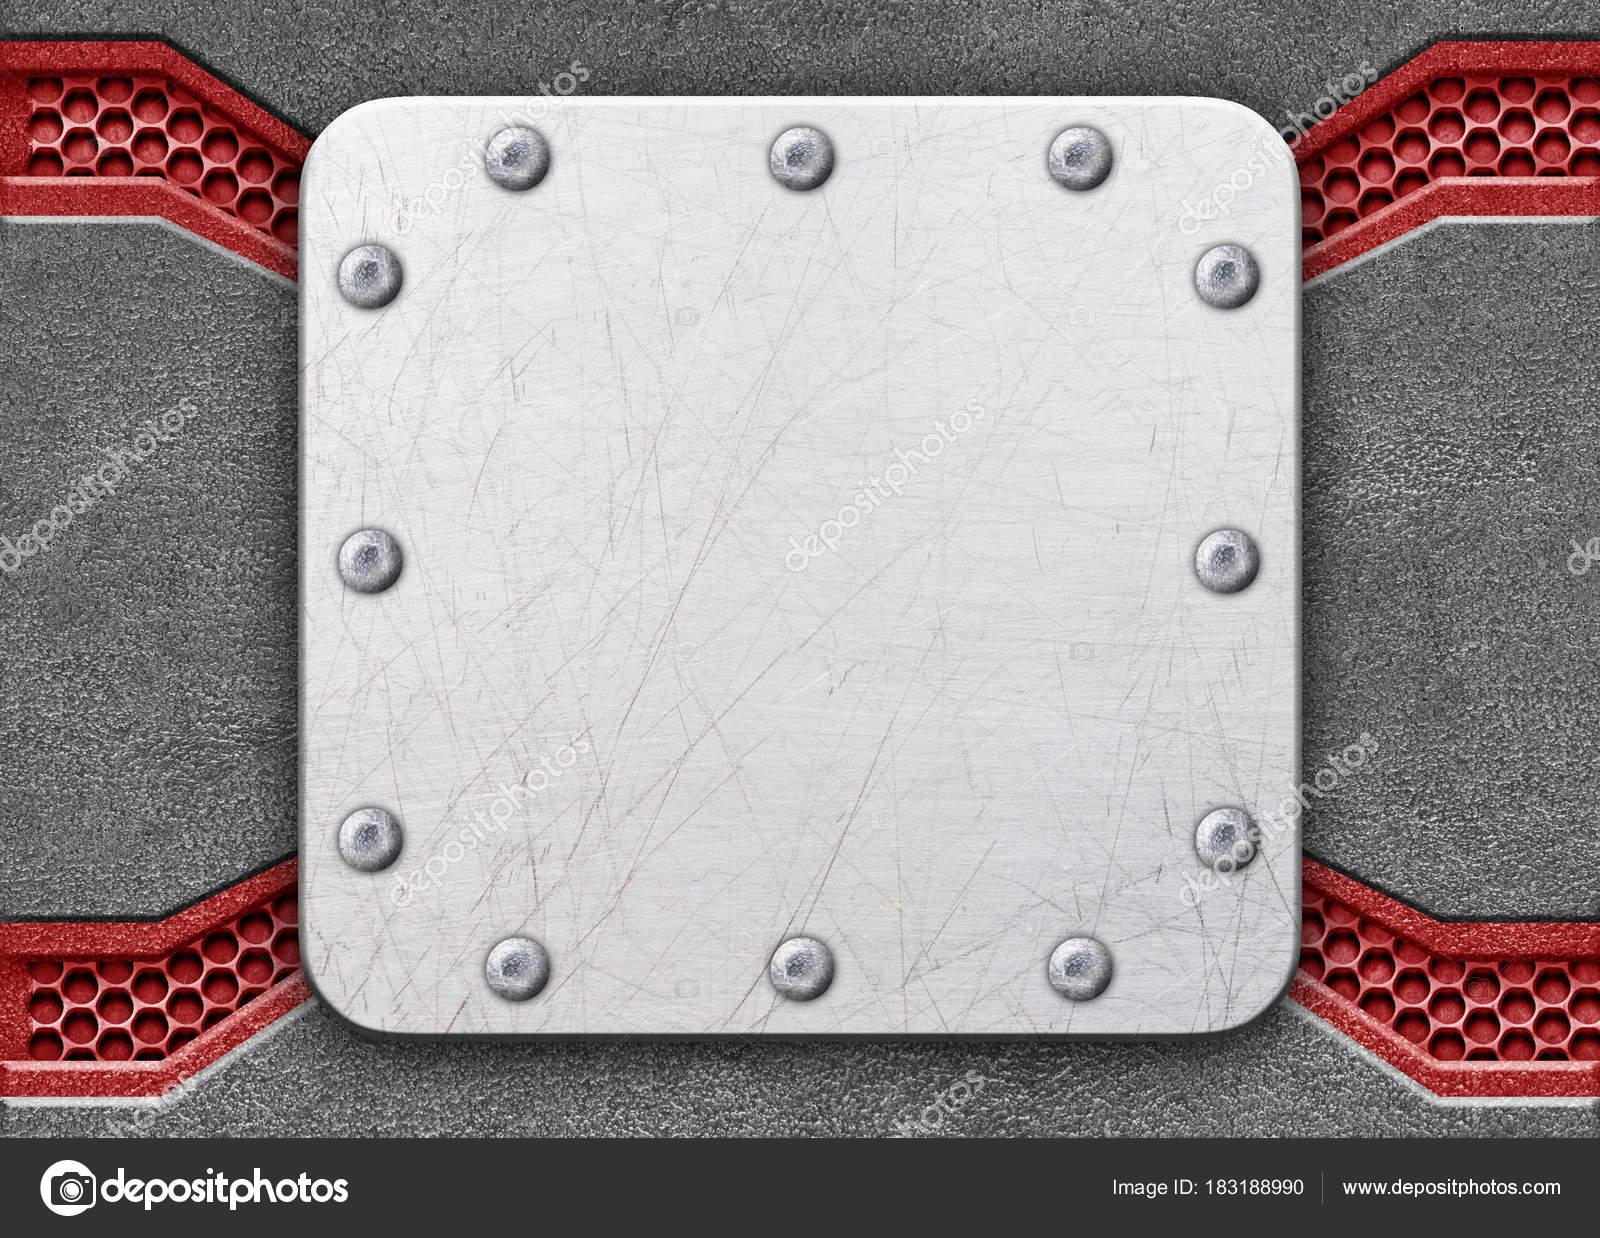 placa metálica sobre una red de malla patrón de hierro como fondo ...